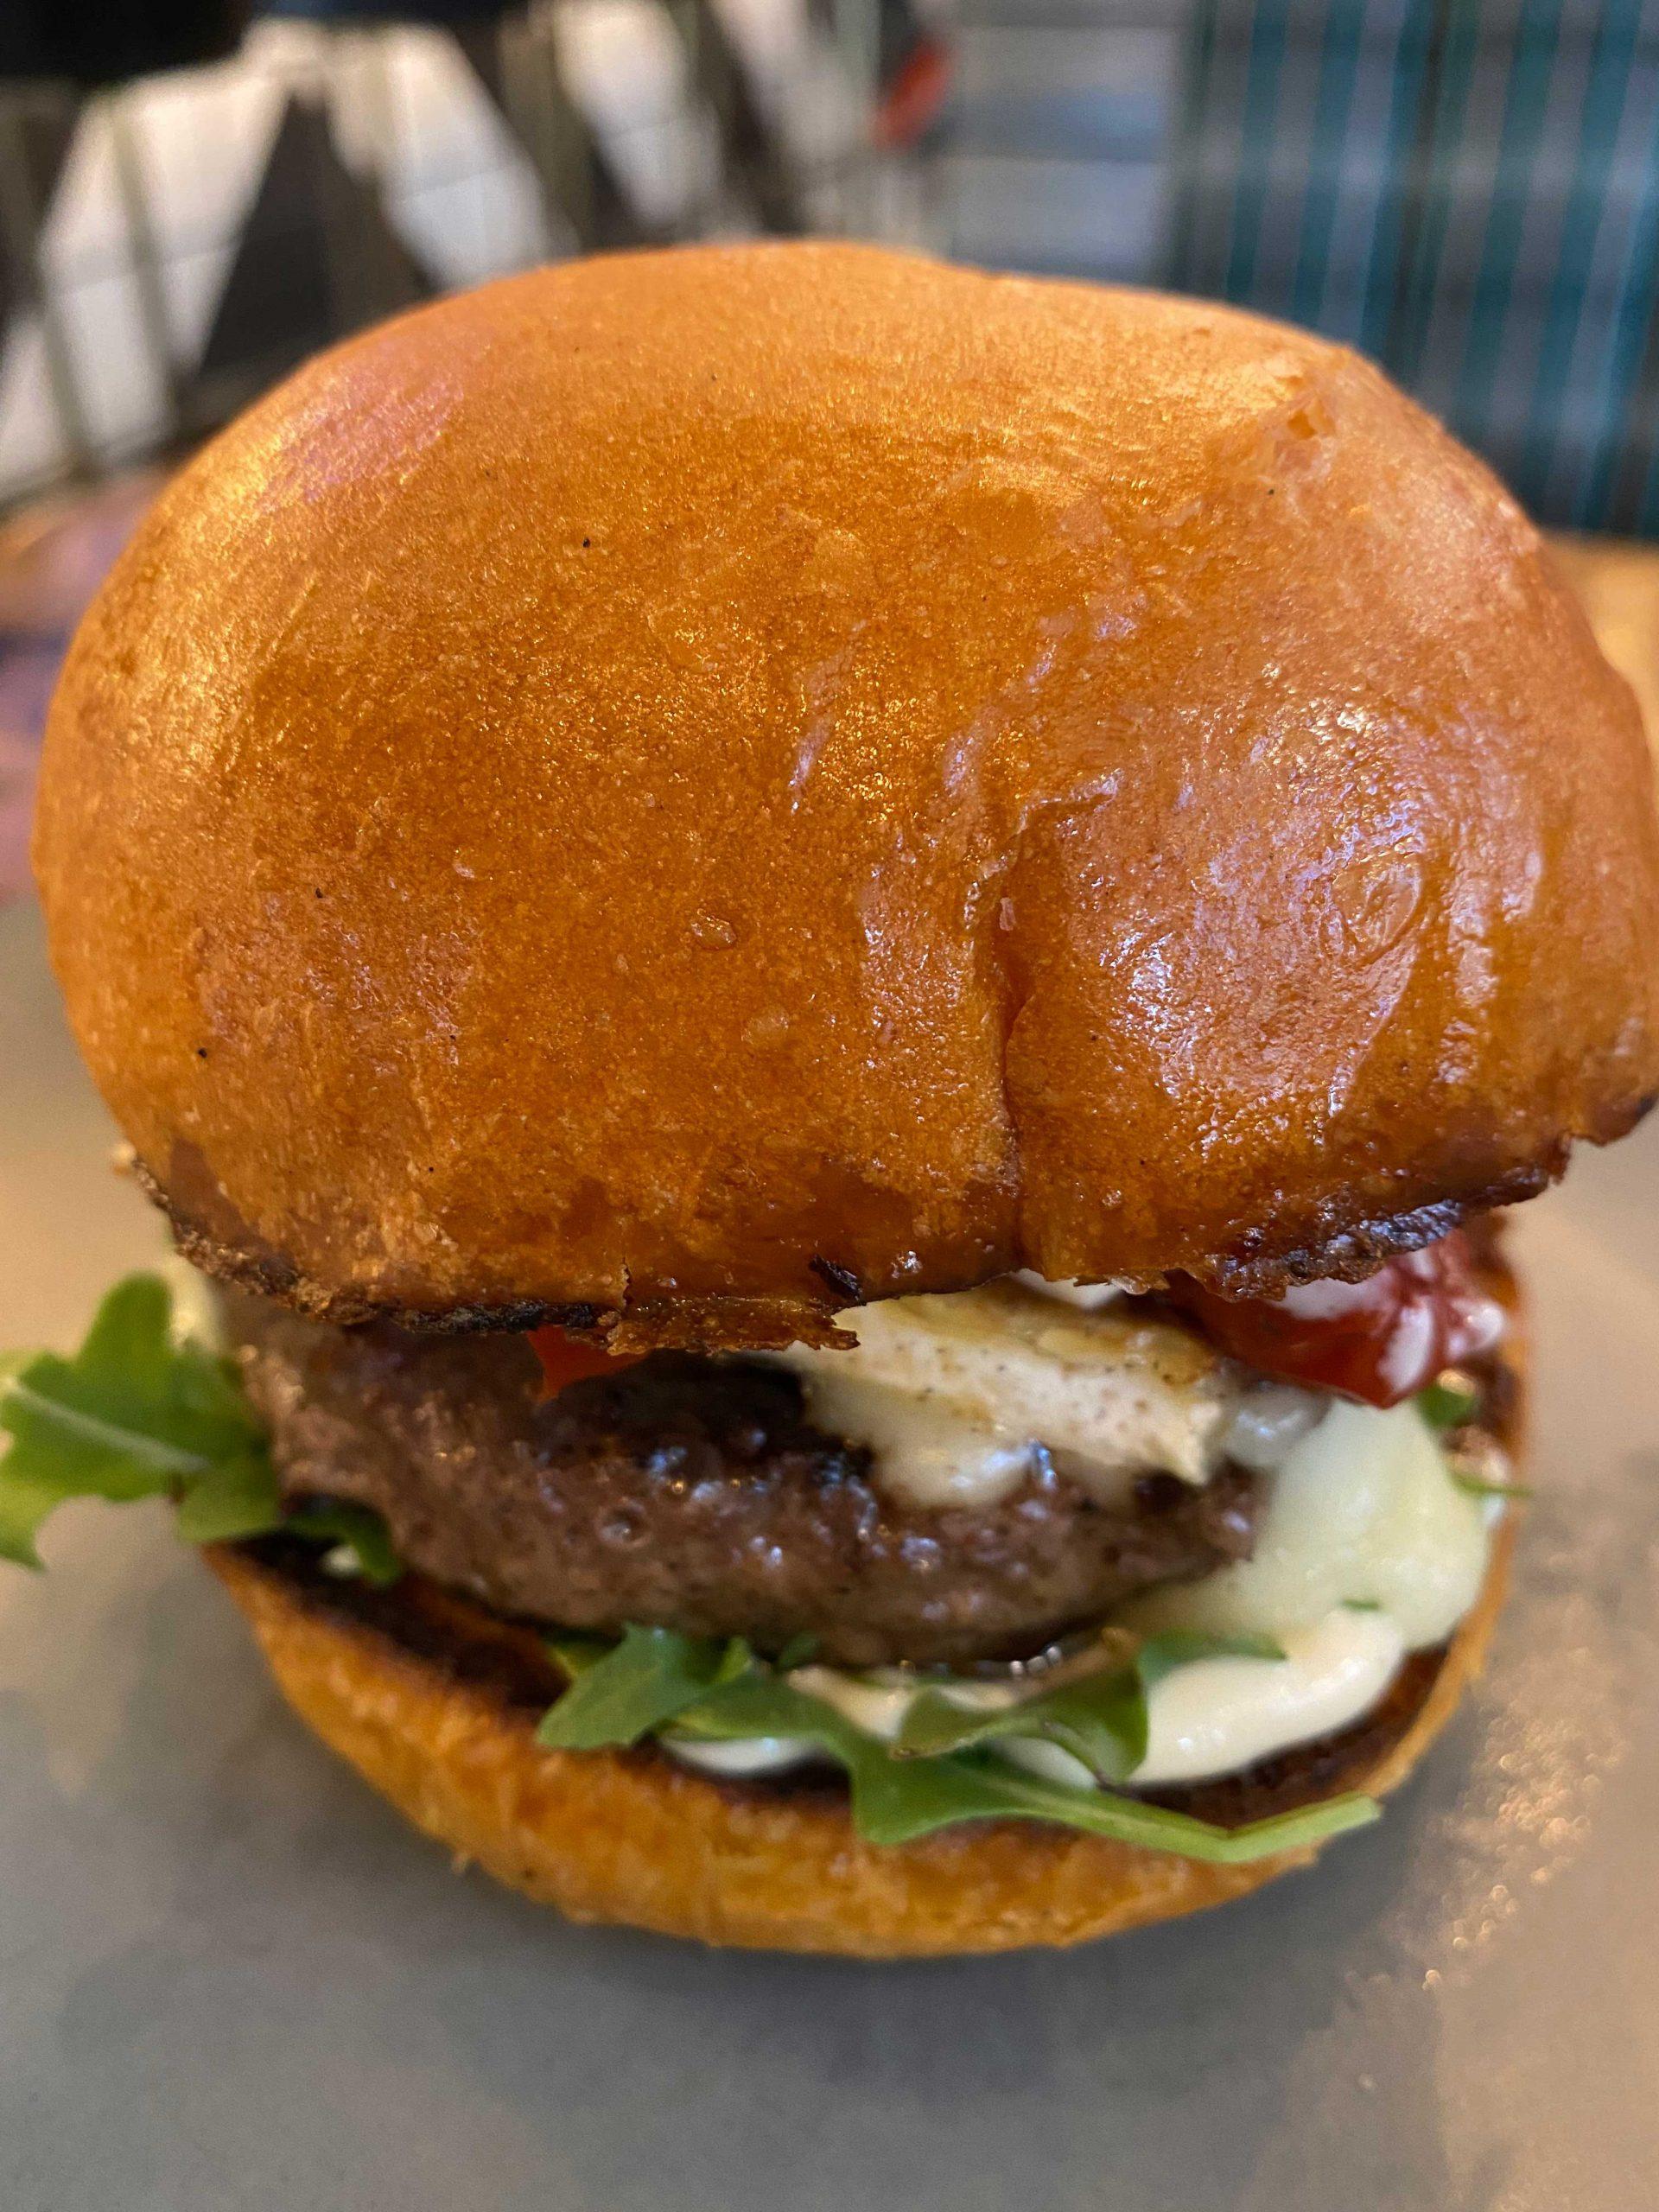 Truffle Cheeseburger at Hand Cut Chophouse. Photo by Matthew Johnson, PHOENIX